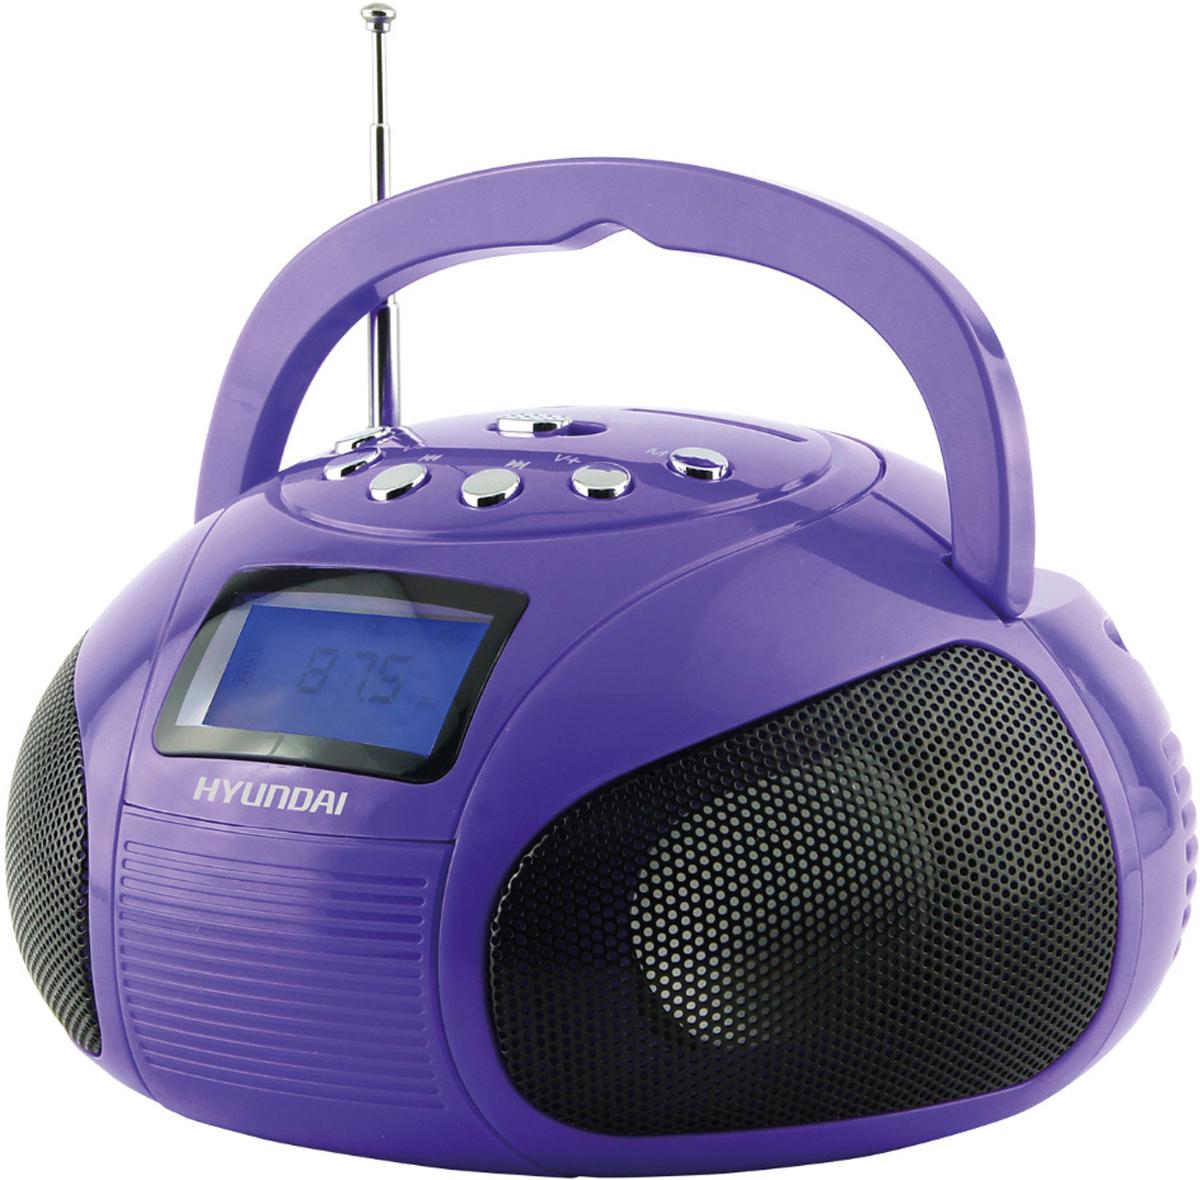 Hyundai H-PAS100, Violet магнитола - Магнитолы, радиоприемники